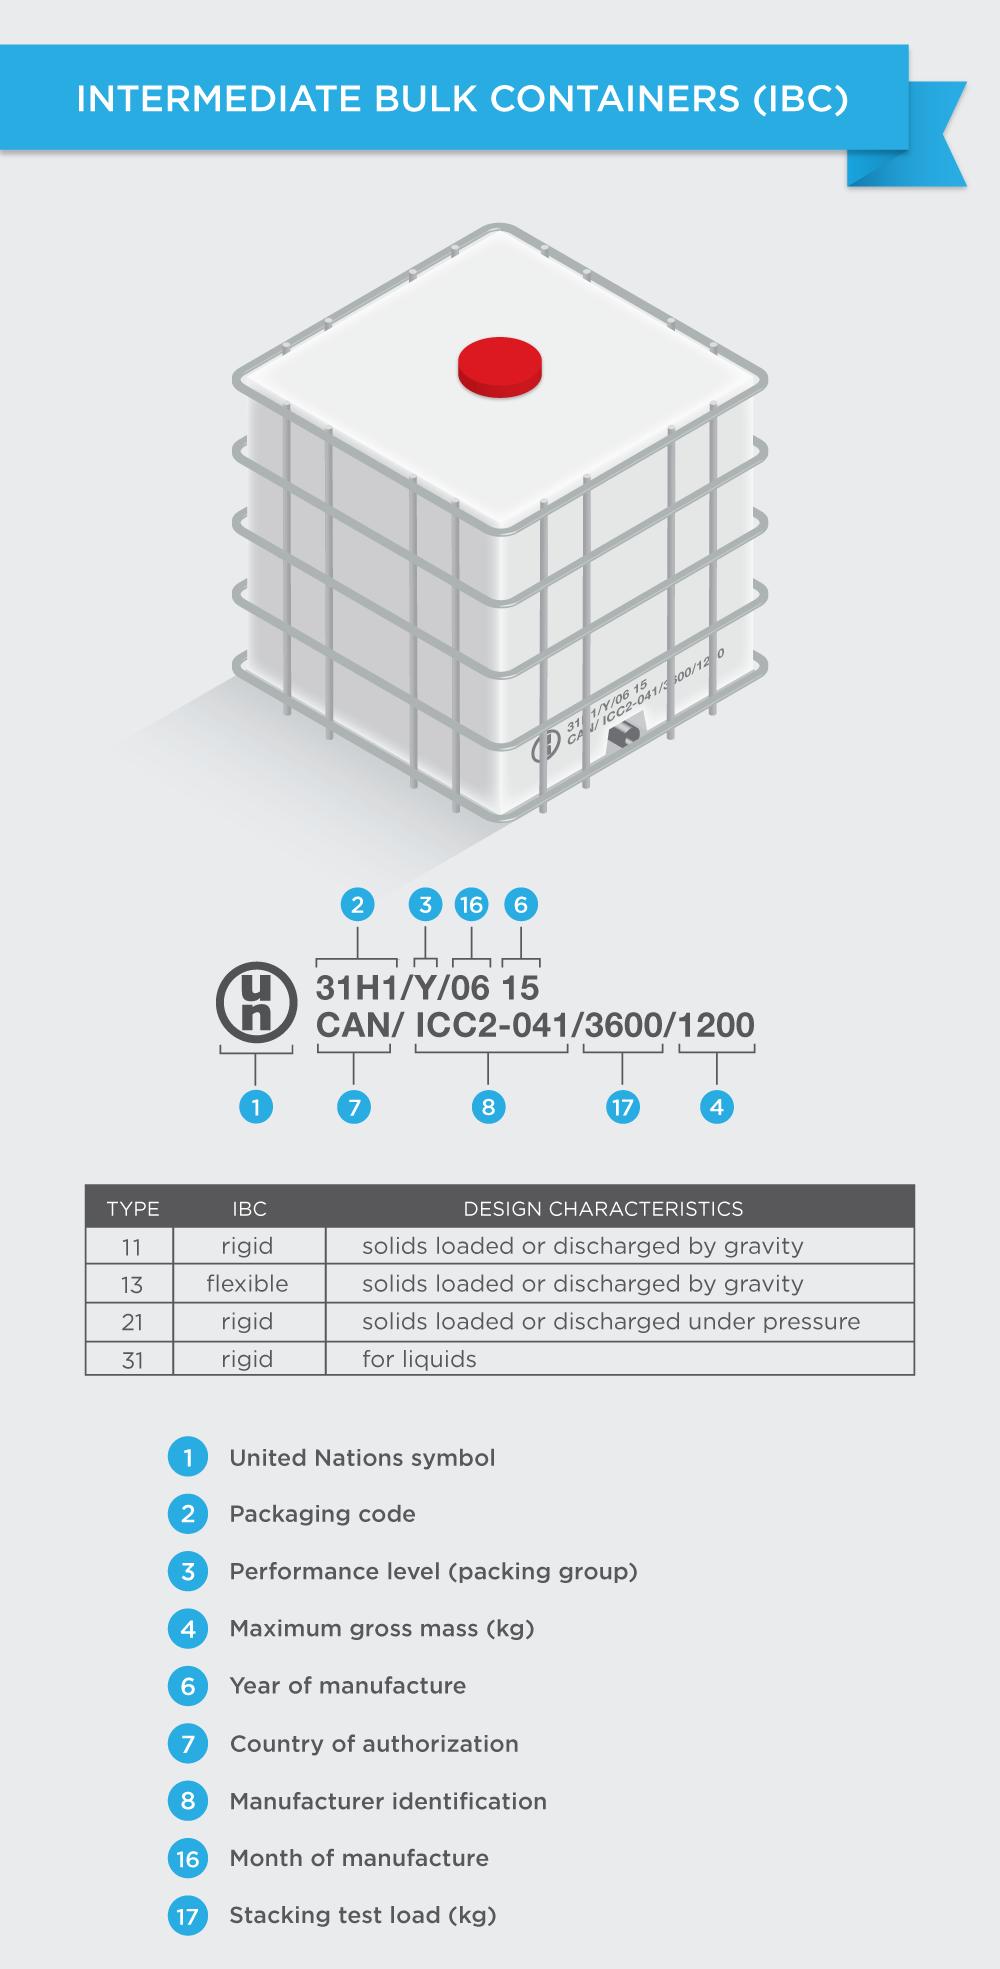 Understanding UN Packaging Codes - 6